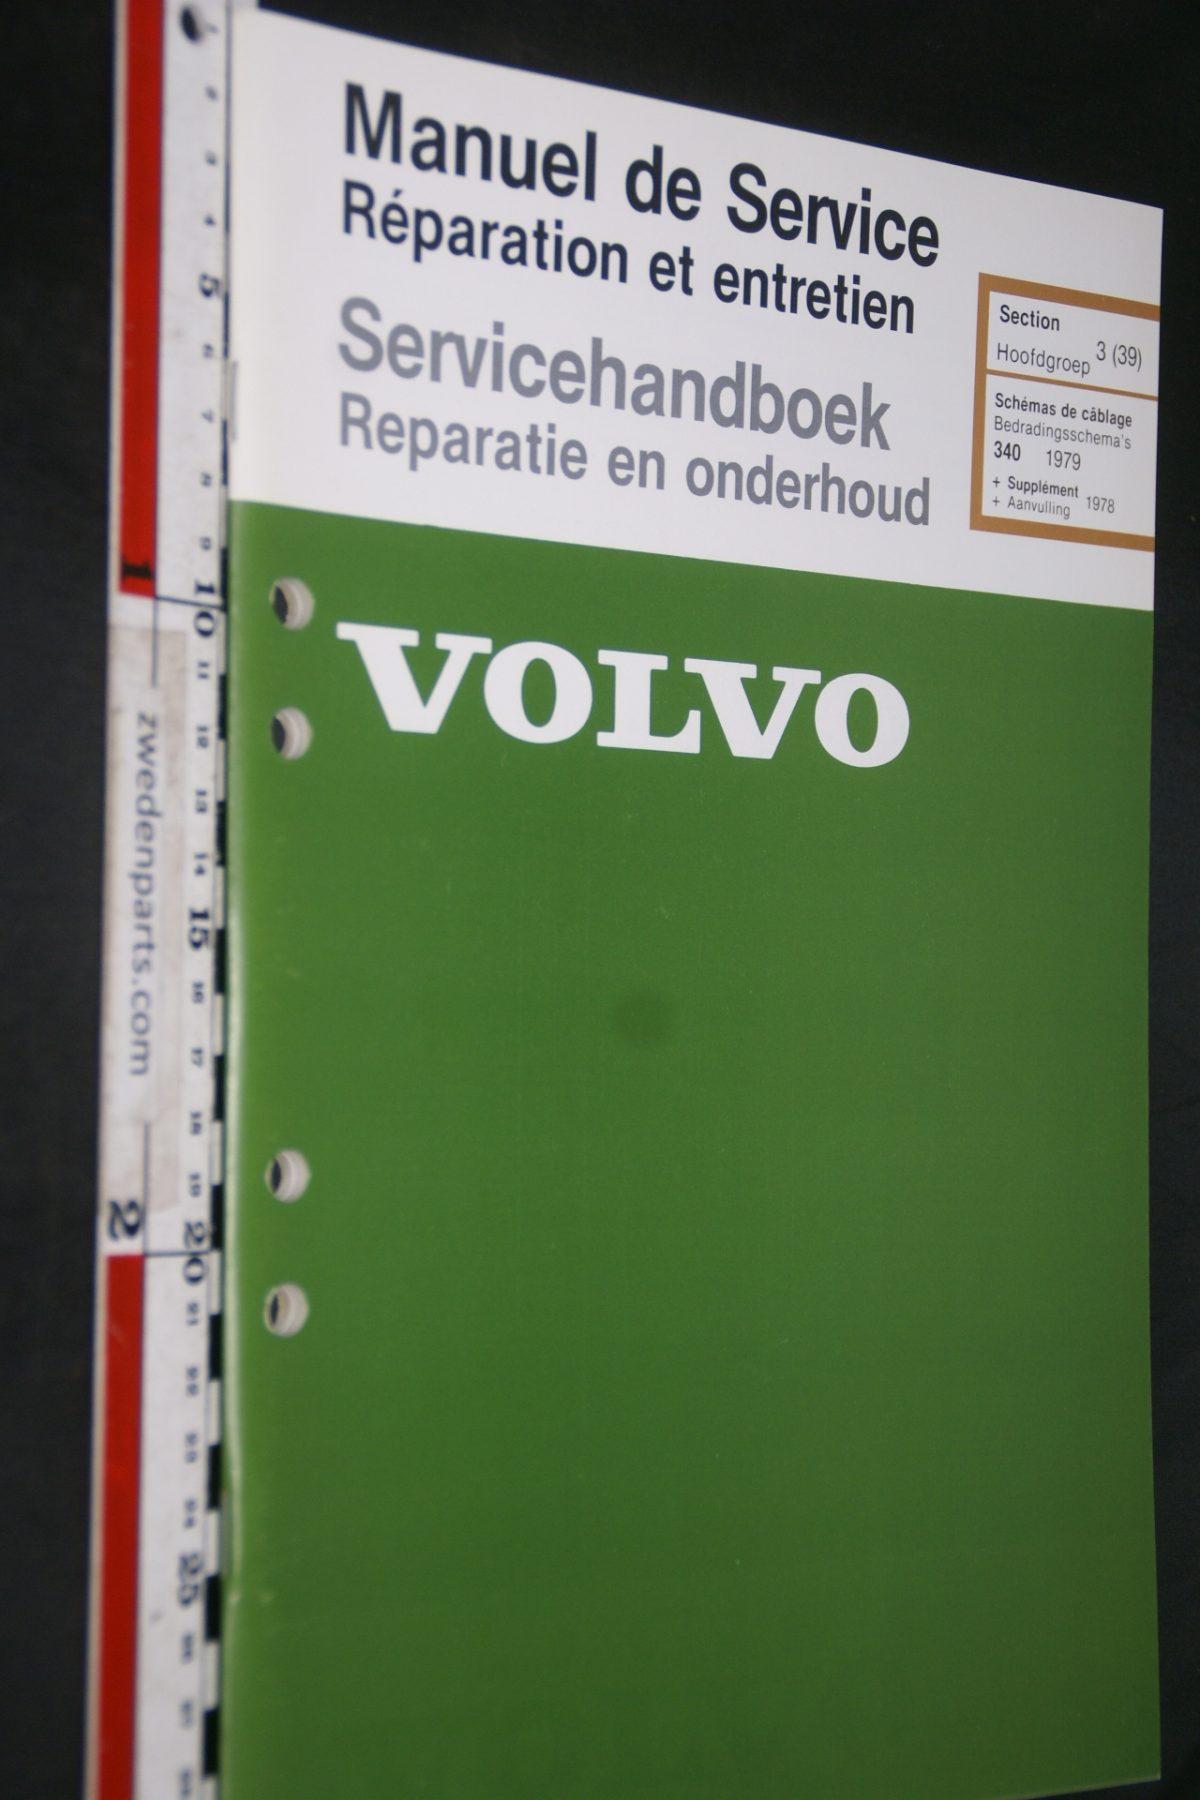 DSC06776 1979 origineel Volvo 340 servicehandboek 3 (39) bedradingsschema B14 1 van 2.000 TP 35001-1 Francais en Hollands